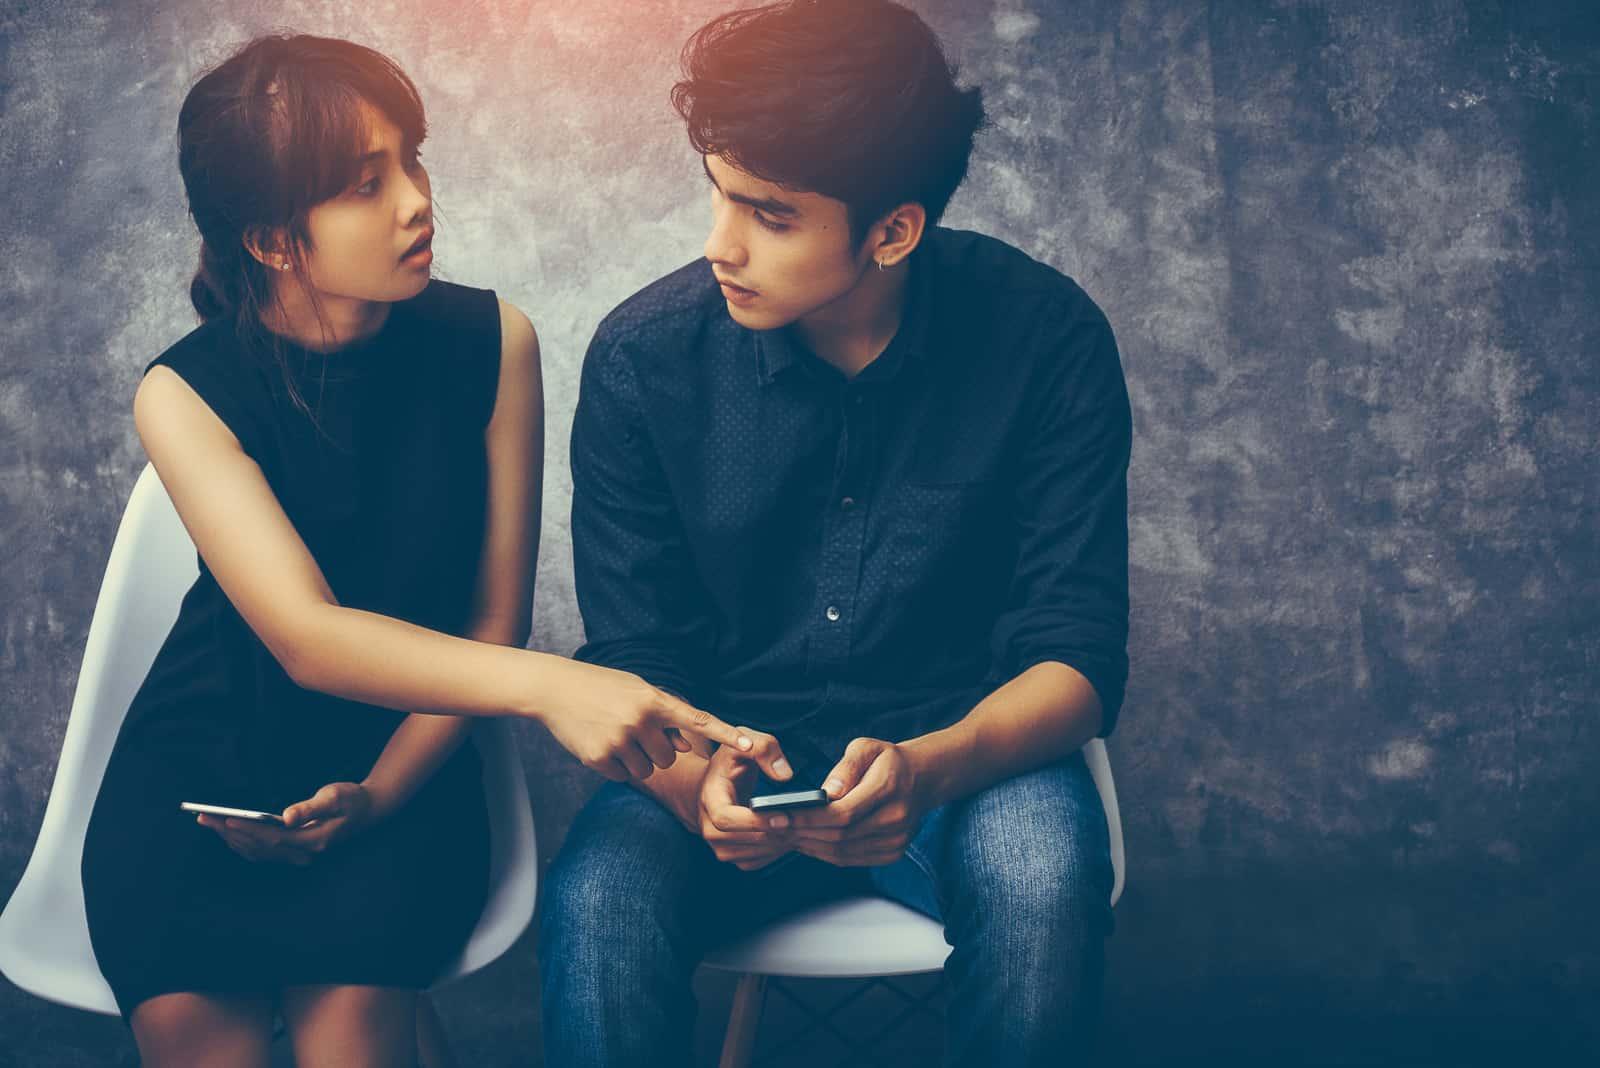 ein liebendes Paar streitet